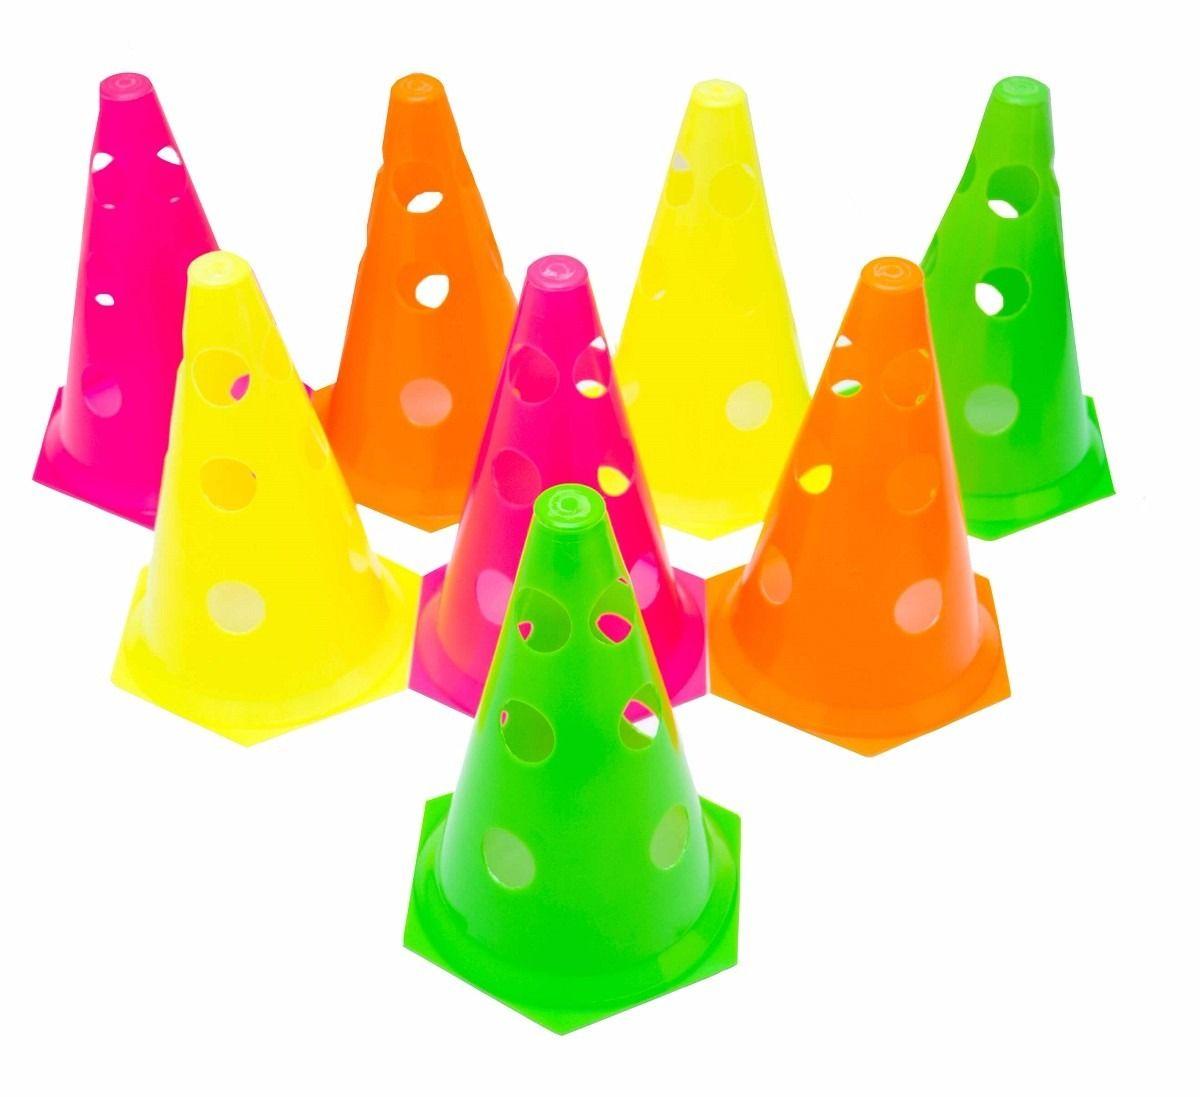 Kit com 4 Cones Perfurados para Circuito - 23 cm - TRK